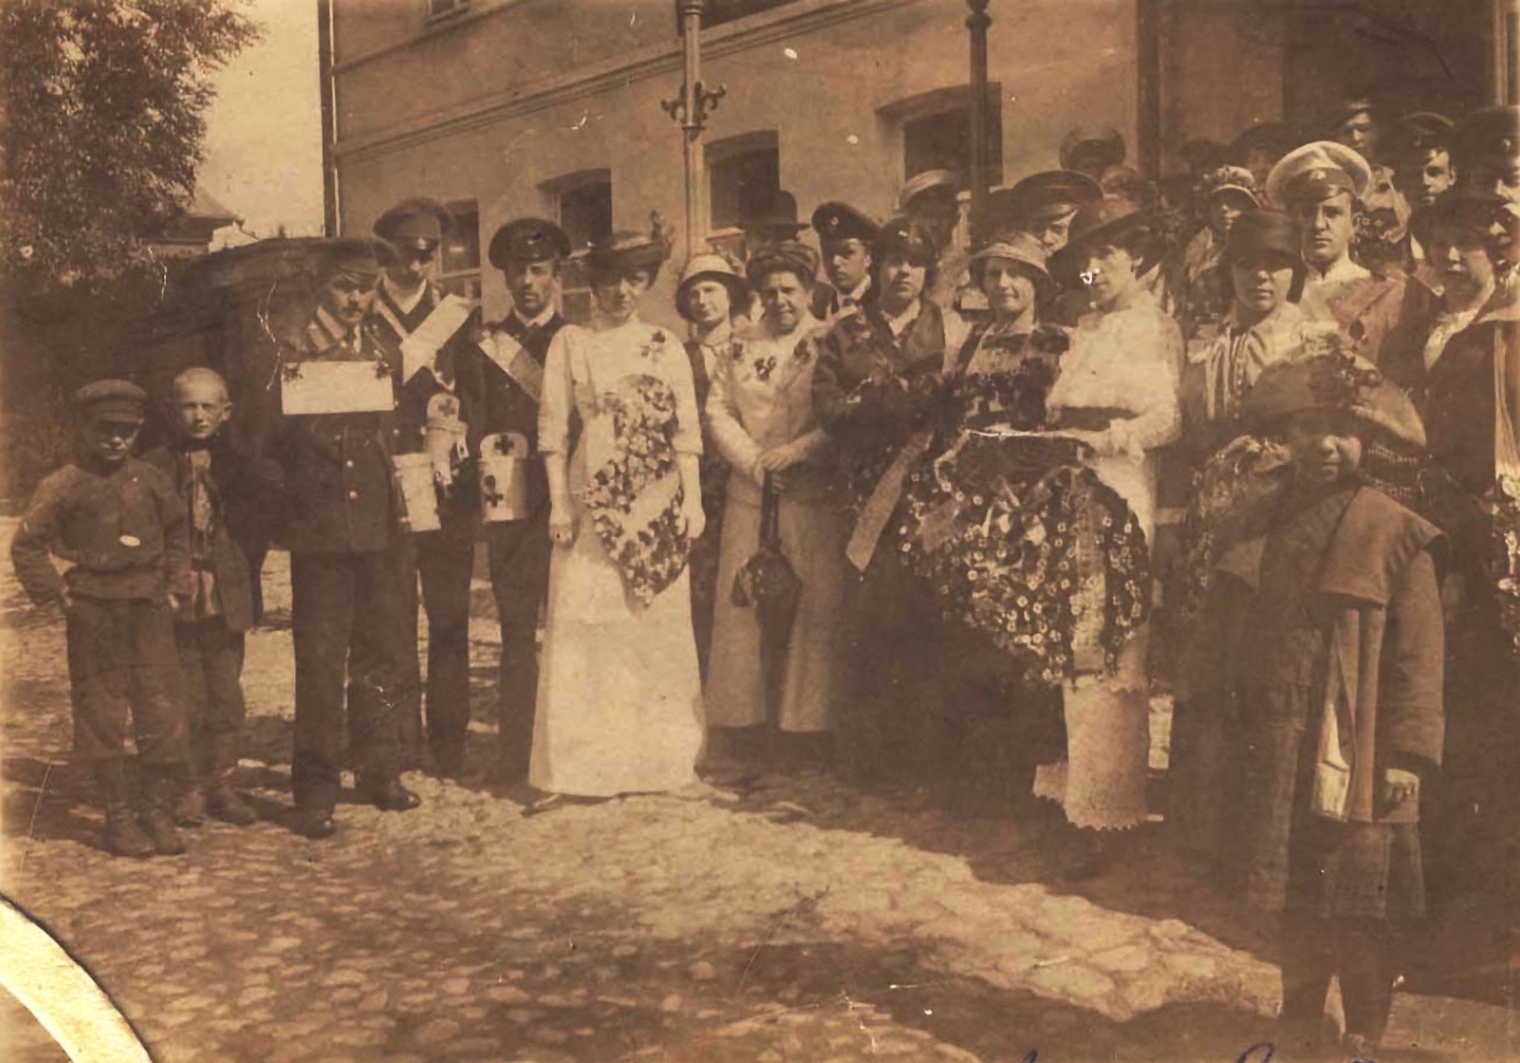 Сбор средств на помощь жертвам Первой мировой войны